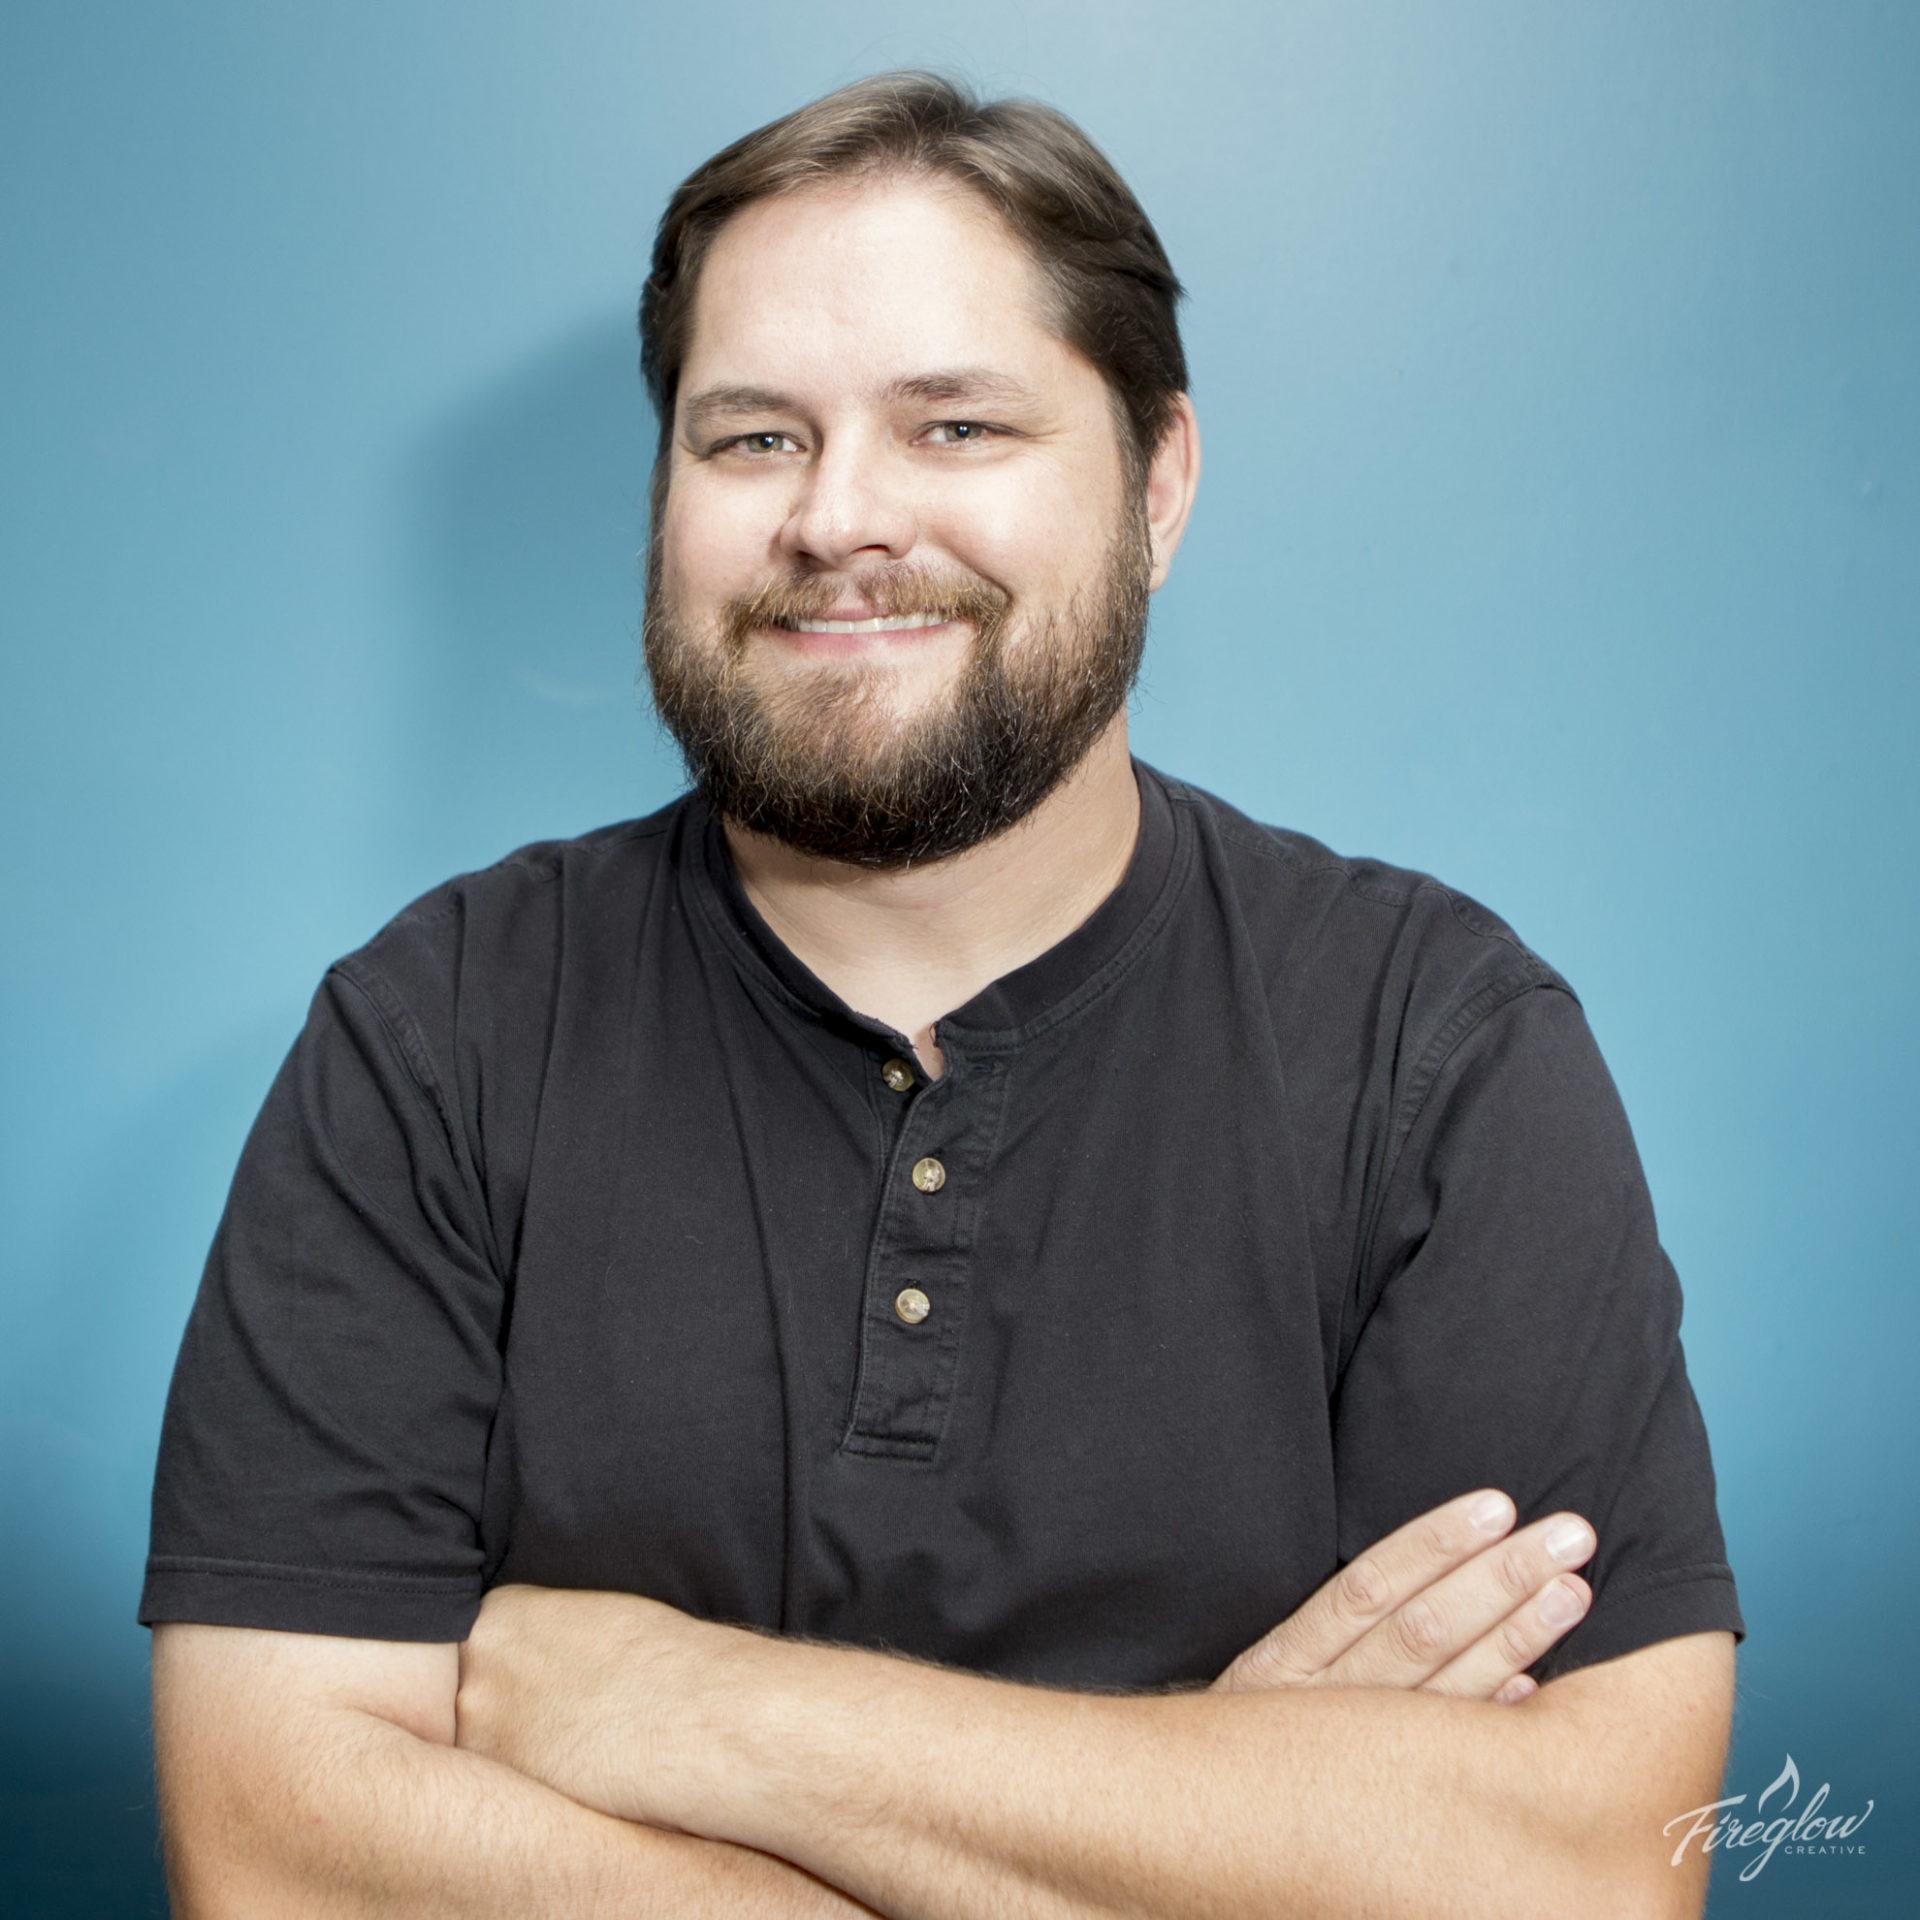 Brandon Hatcher